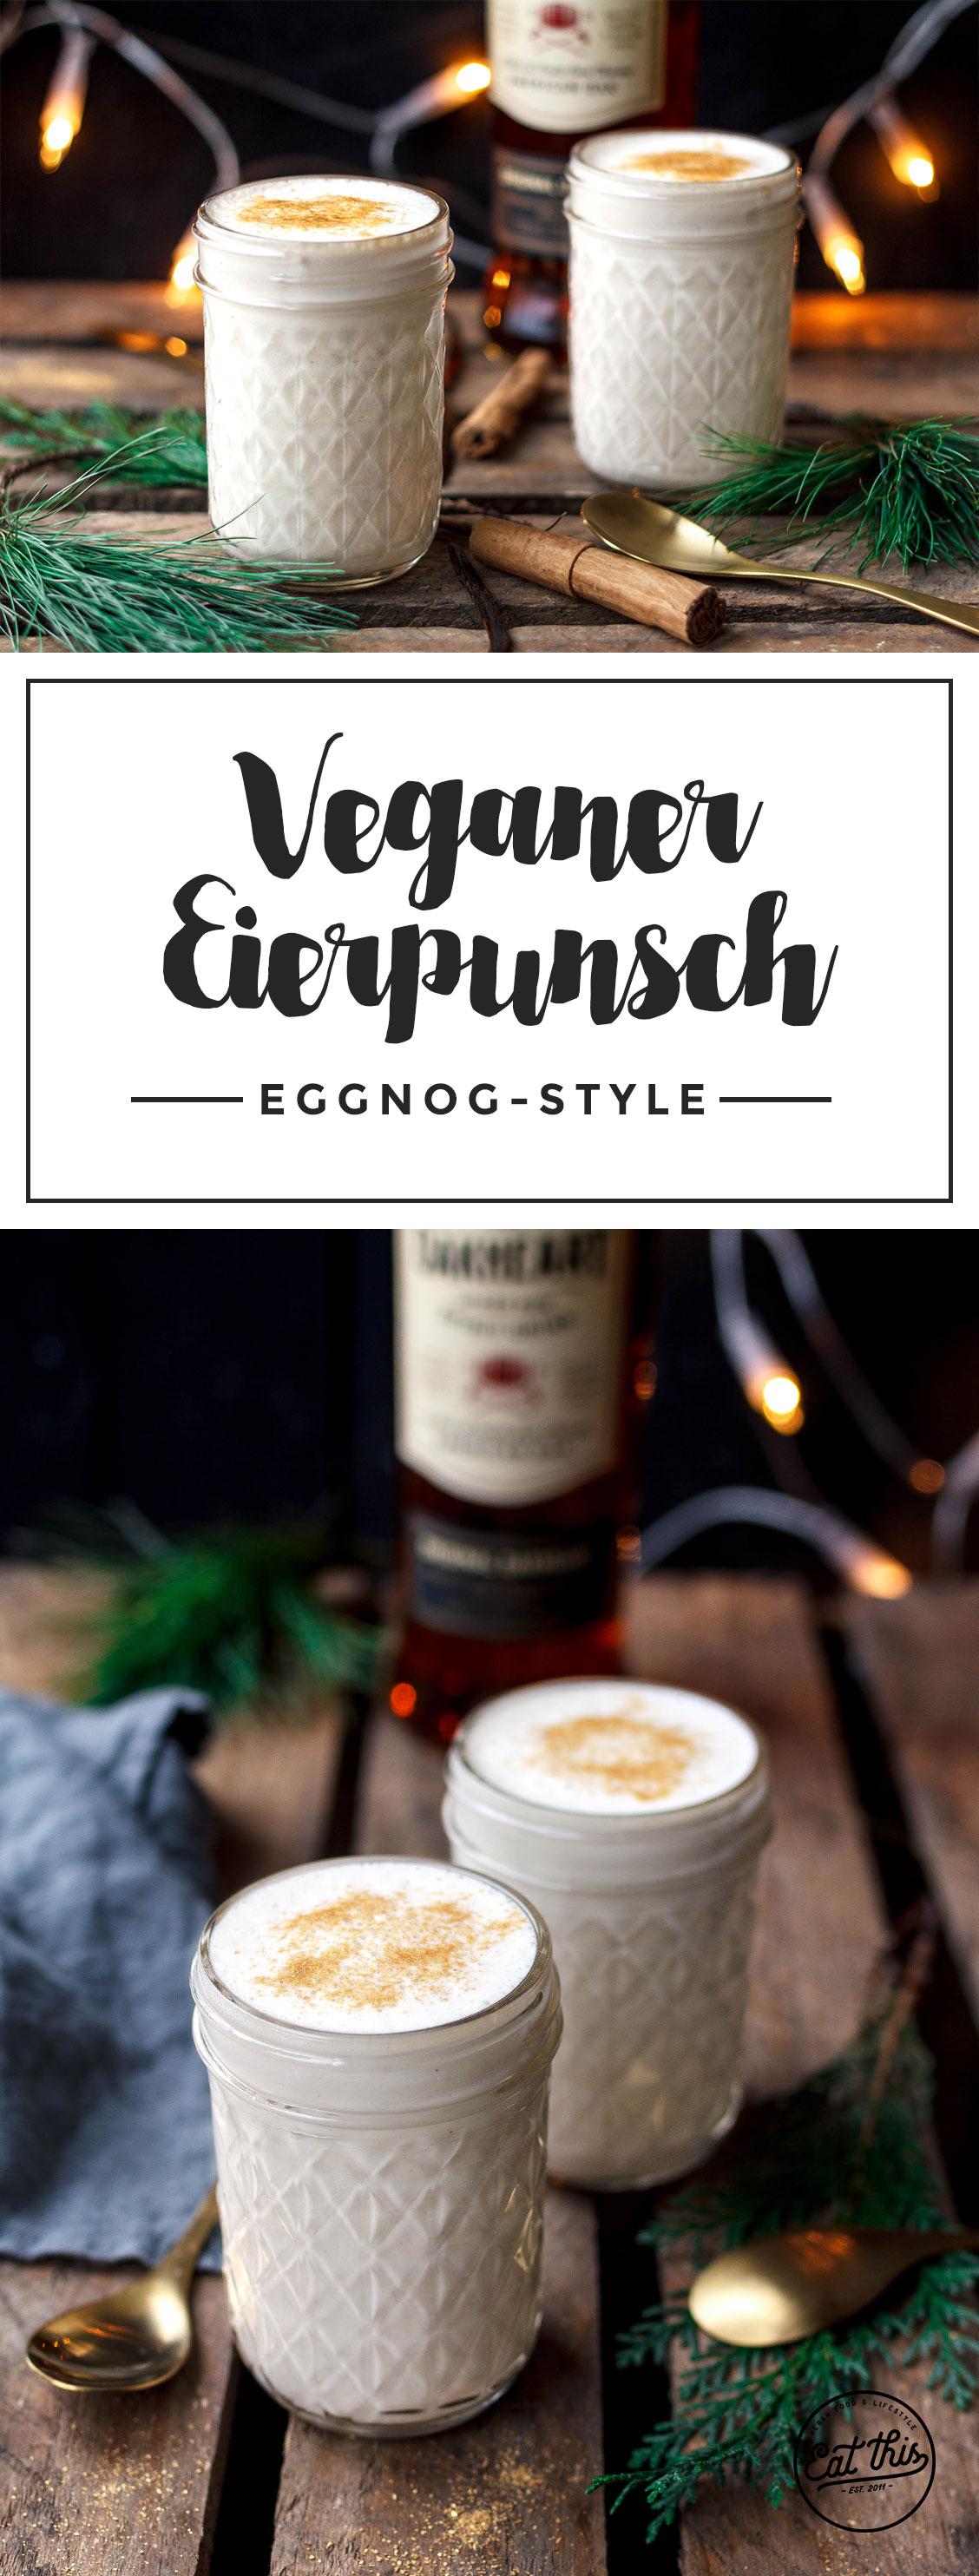 Veganer Eggnog